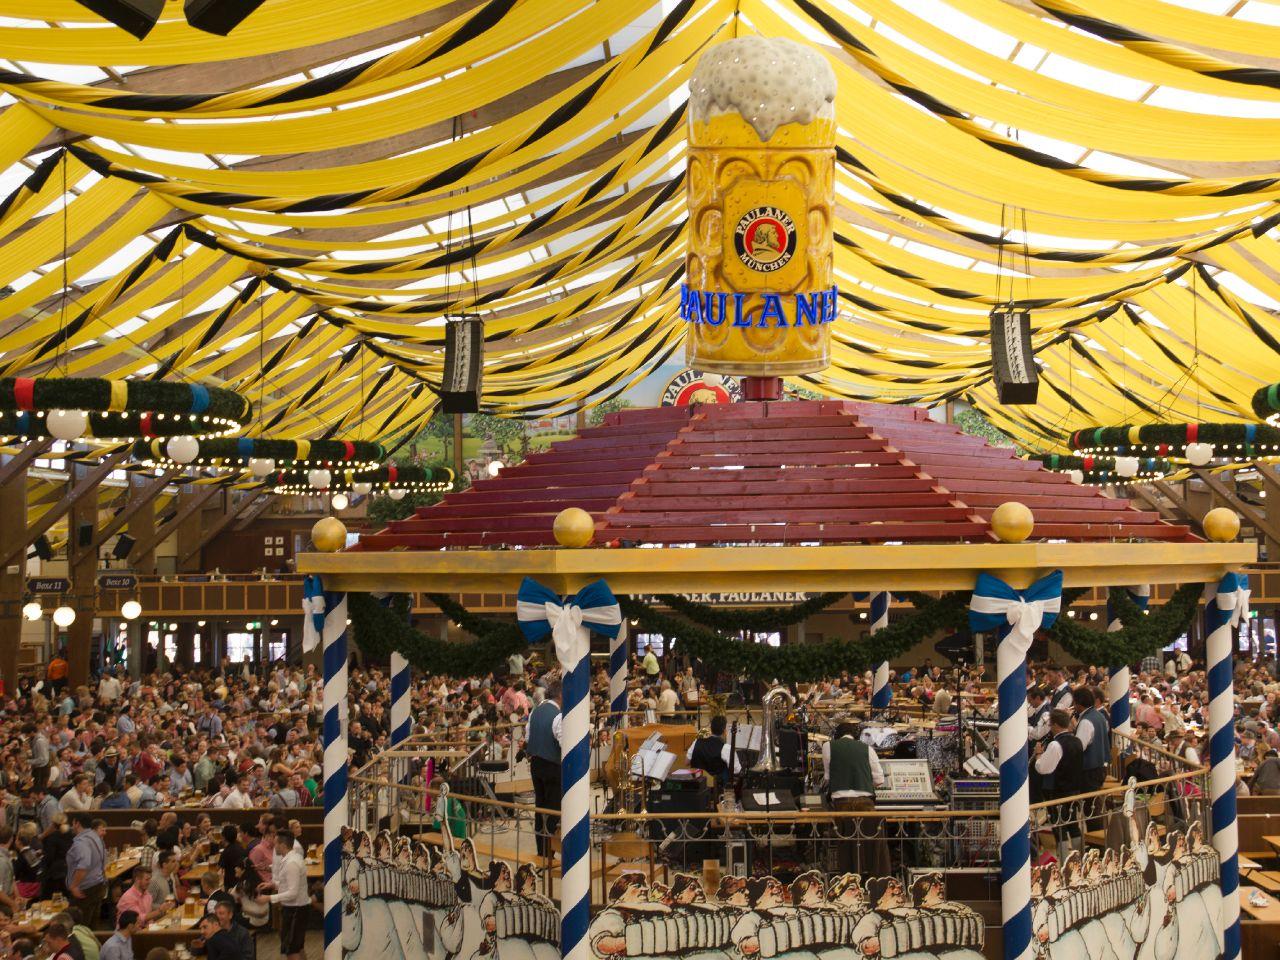 Paulaner Festzelt Oktoberfest München Das offizielle